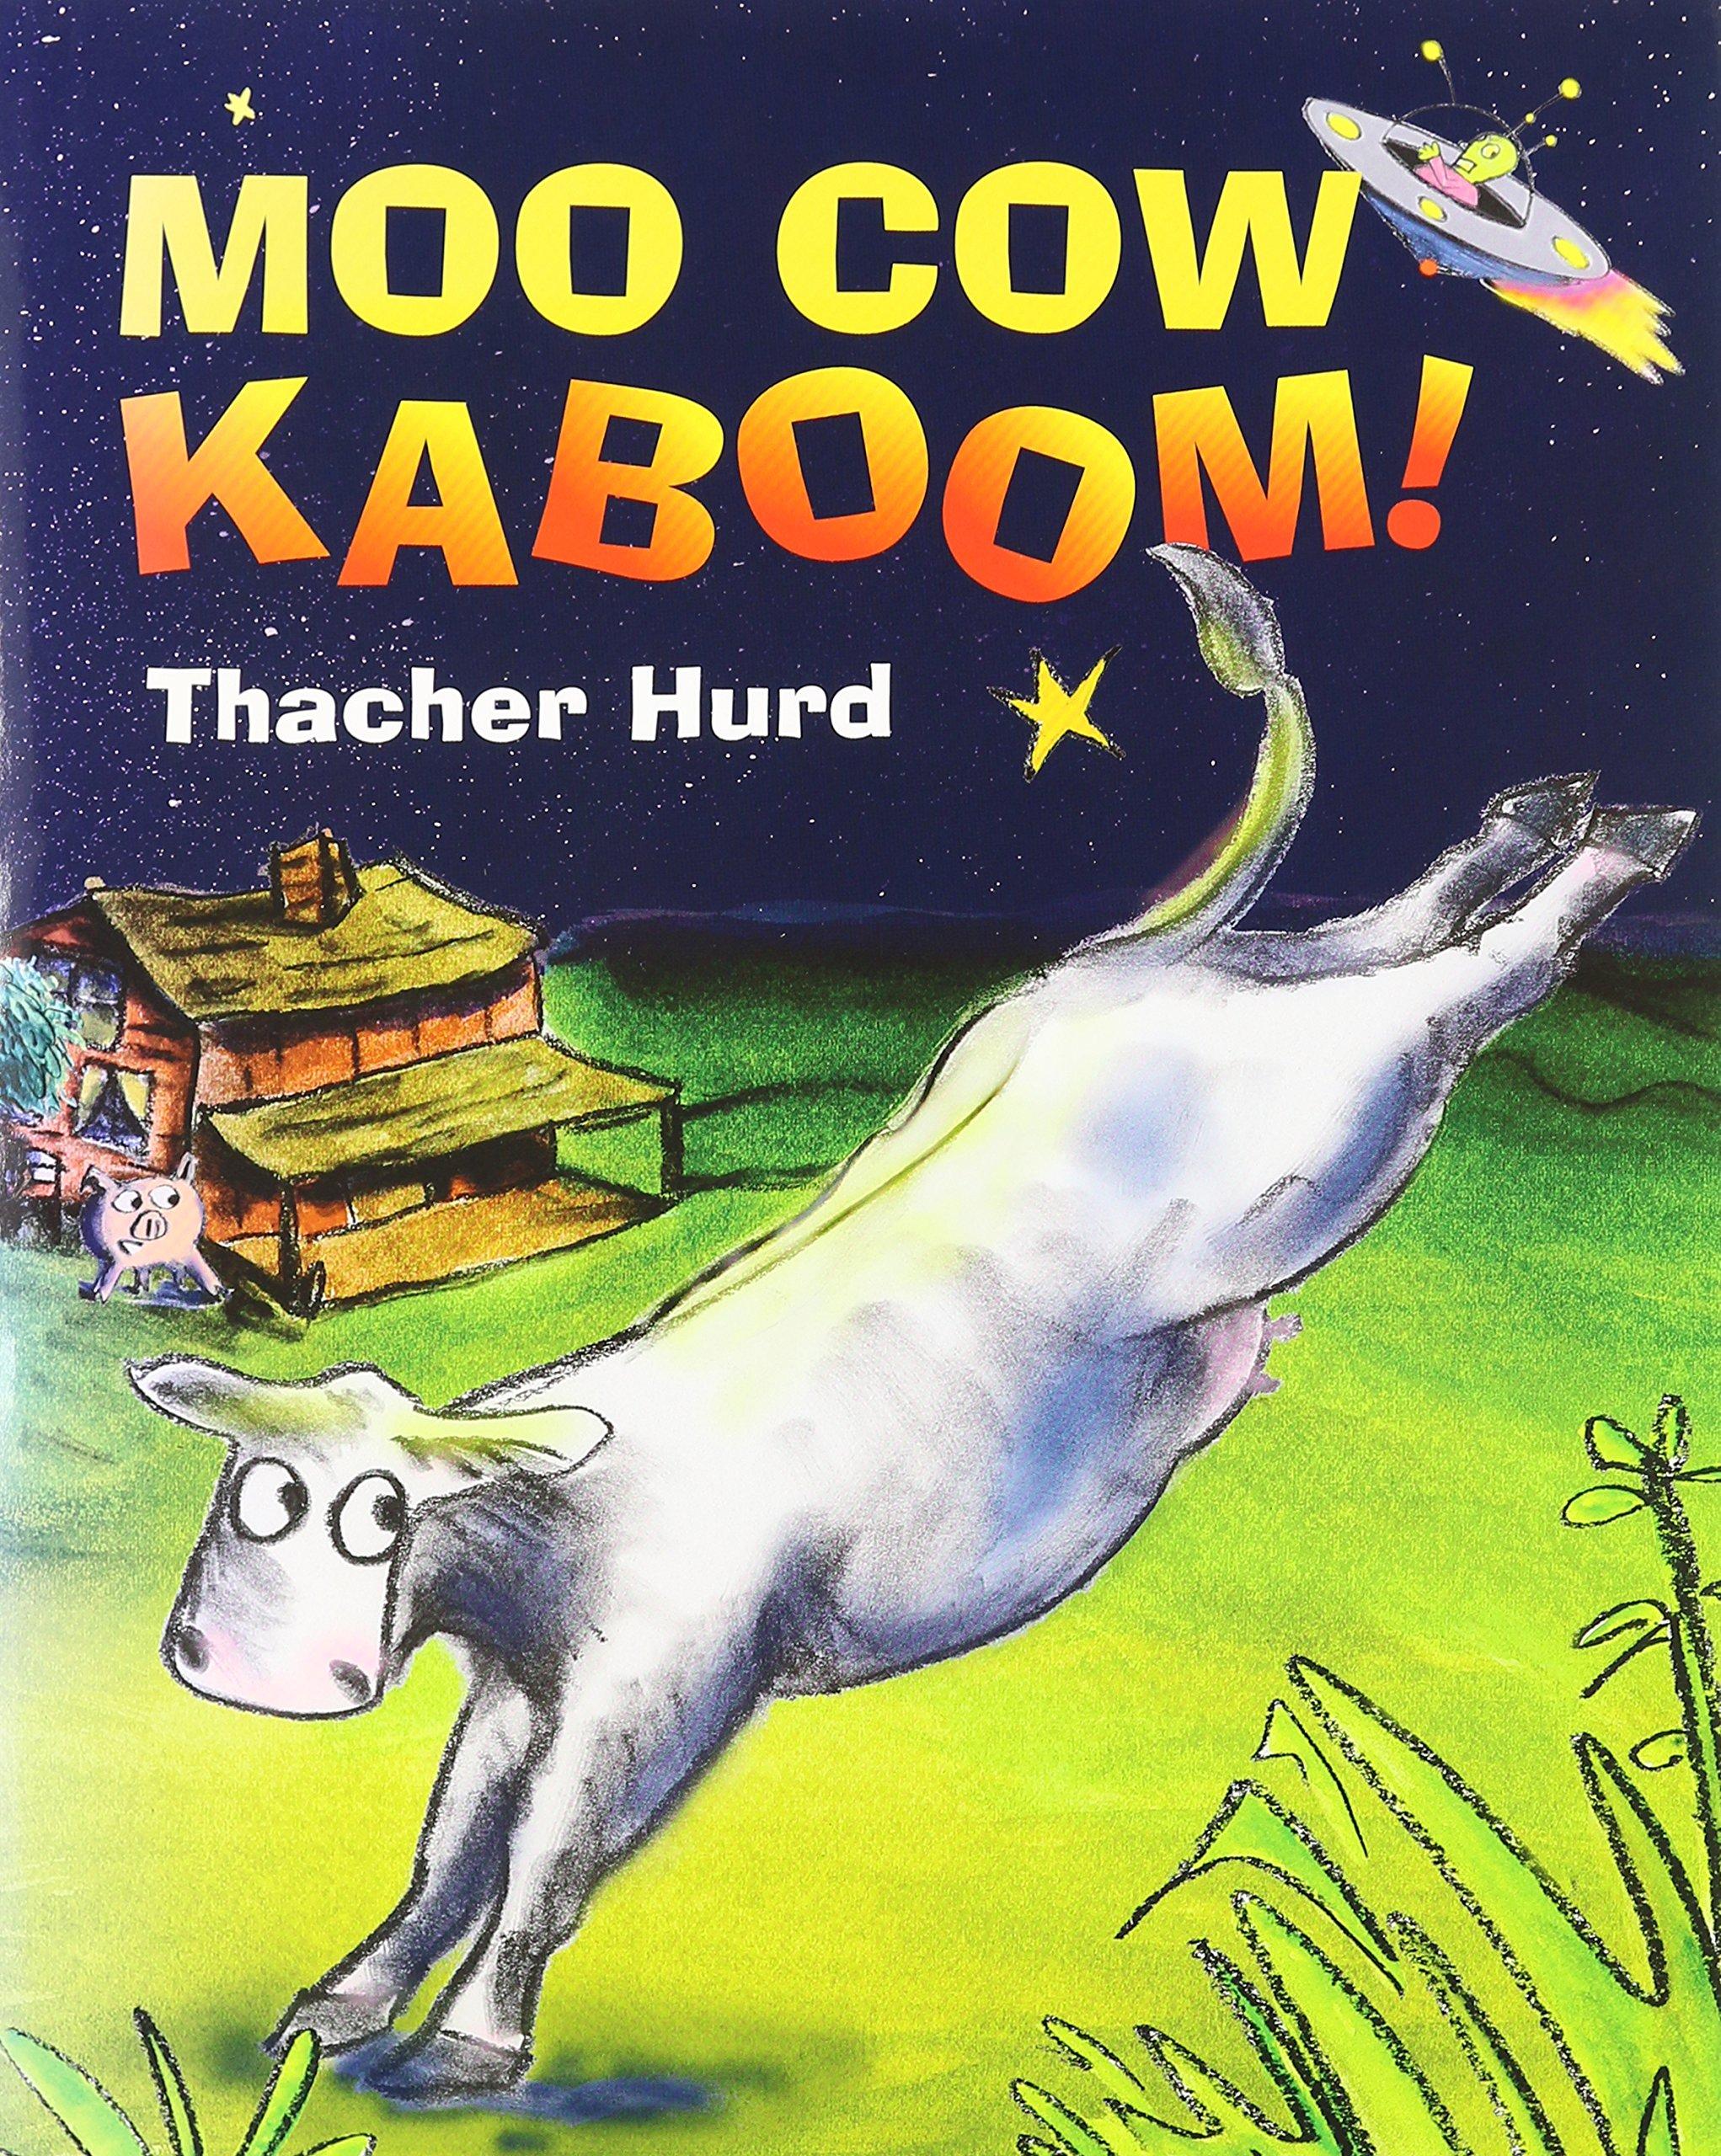 moo cow kaboom thacher hurd books